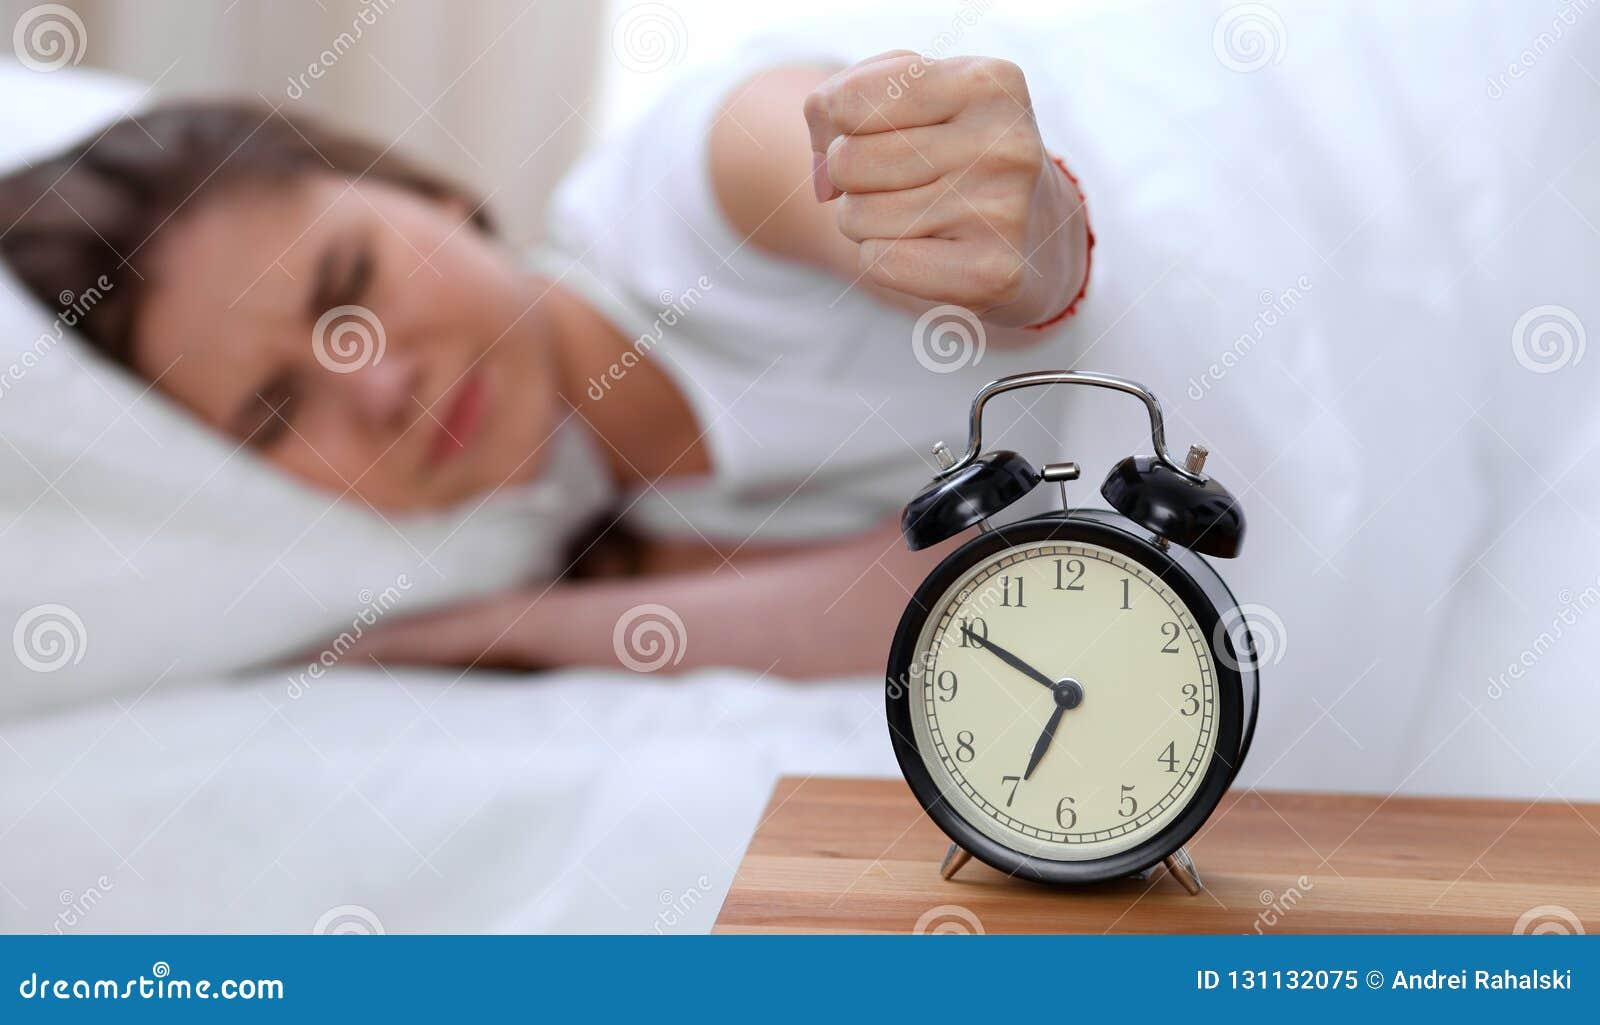 Противоположность будильника сонной молодой женщины протягивая руку к звеня завещать сигнала тревоги поворачивает ее  Предыдущее